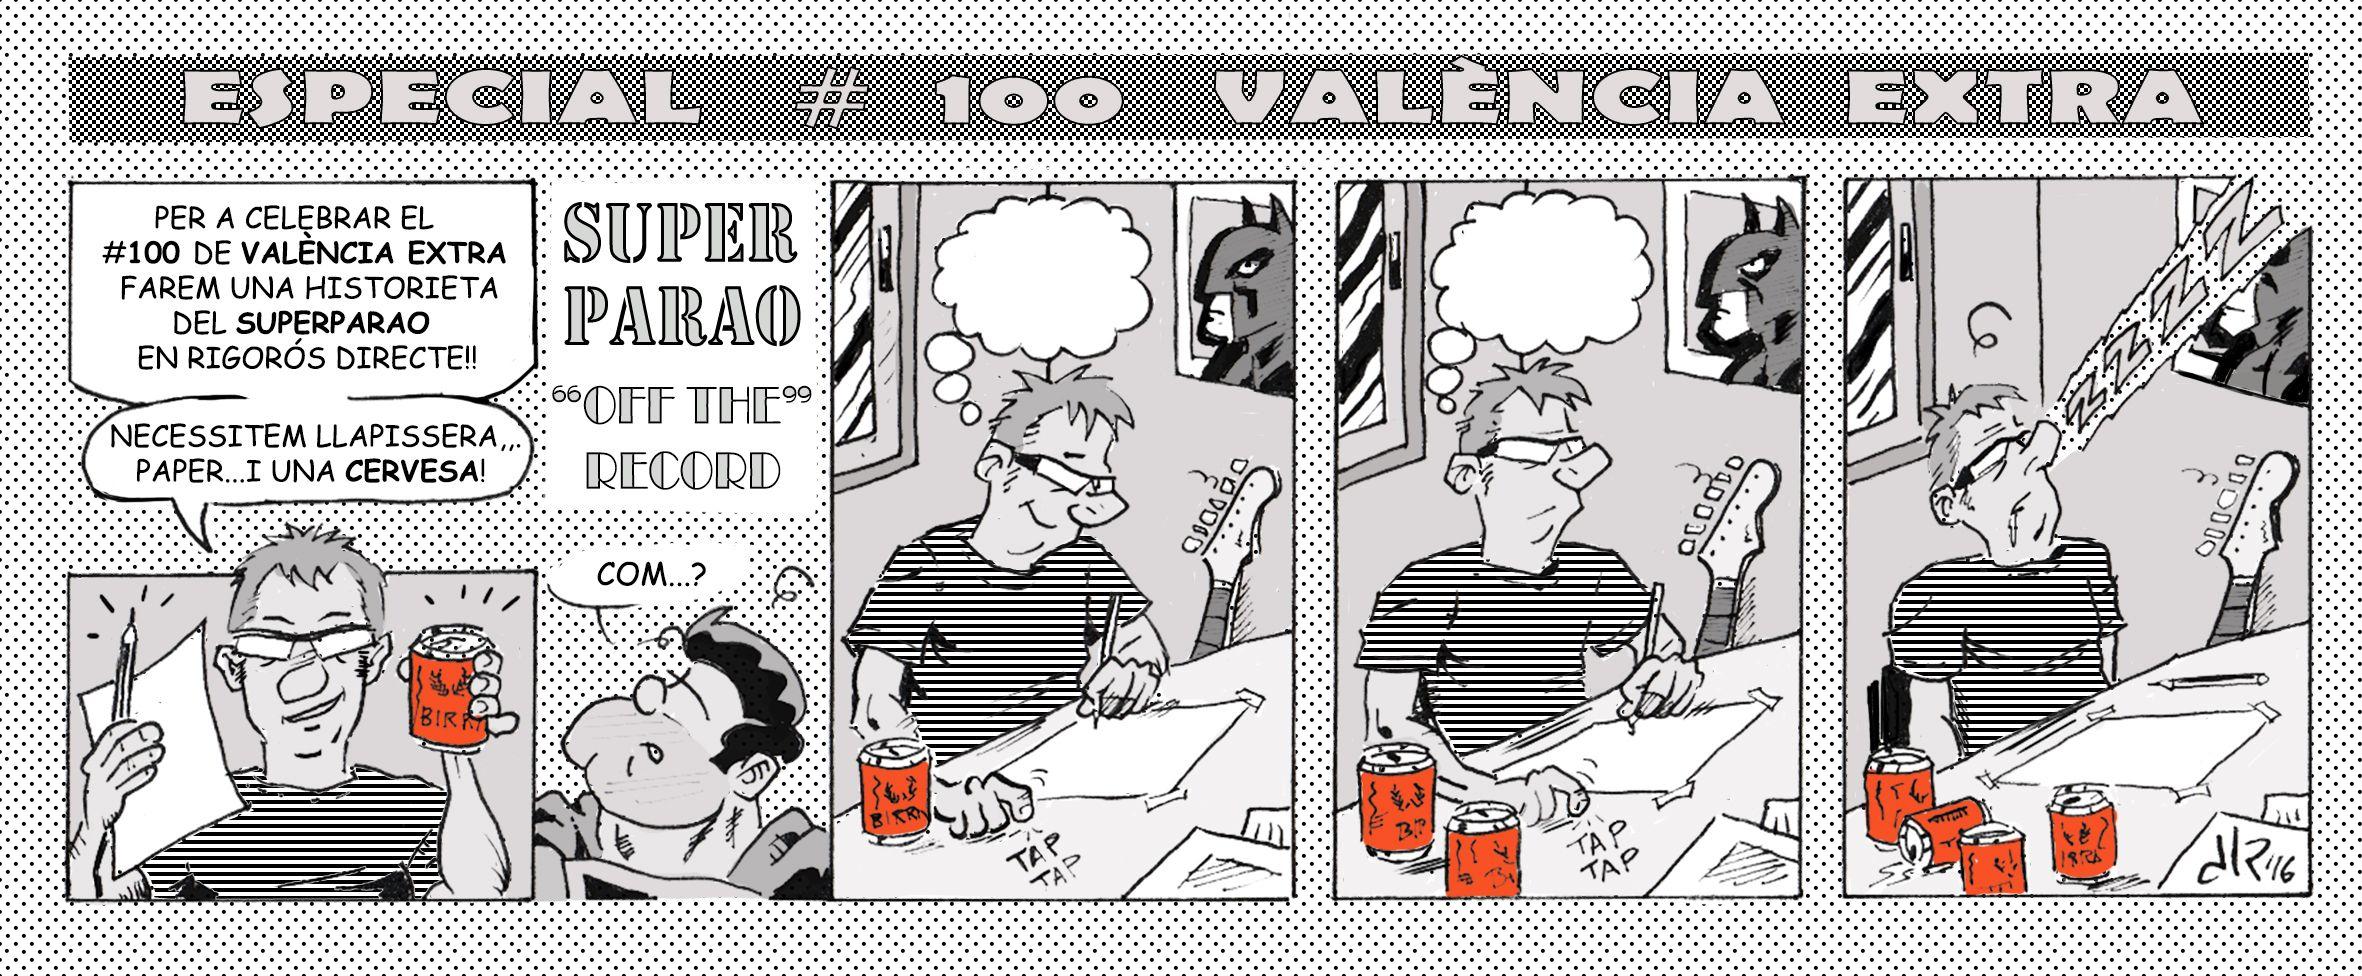 #100 valencia extra